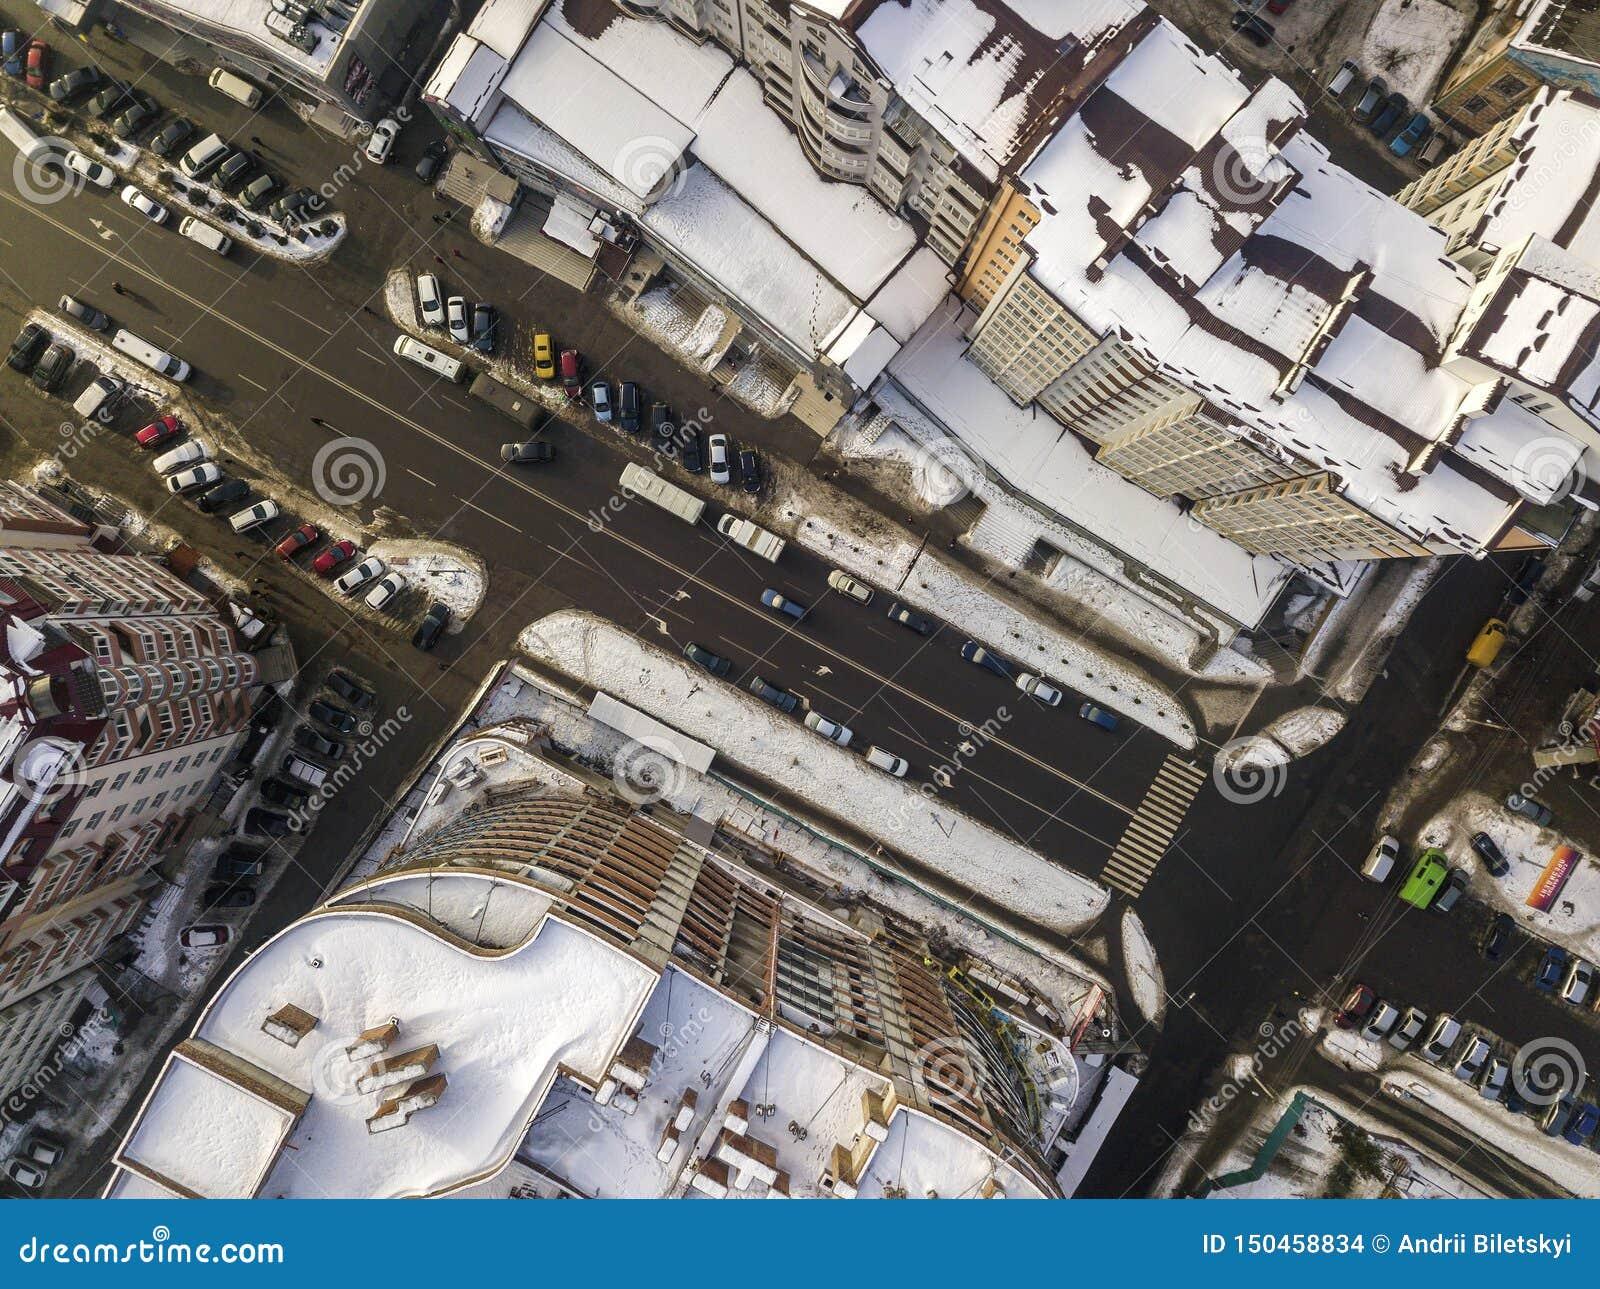 Lucht zwart-witte de winter hoogste mening van moderne stad met lange gebouwen, geparkeerde en bewegende auto s langs straten met